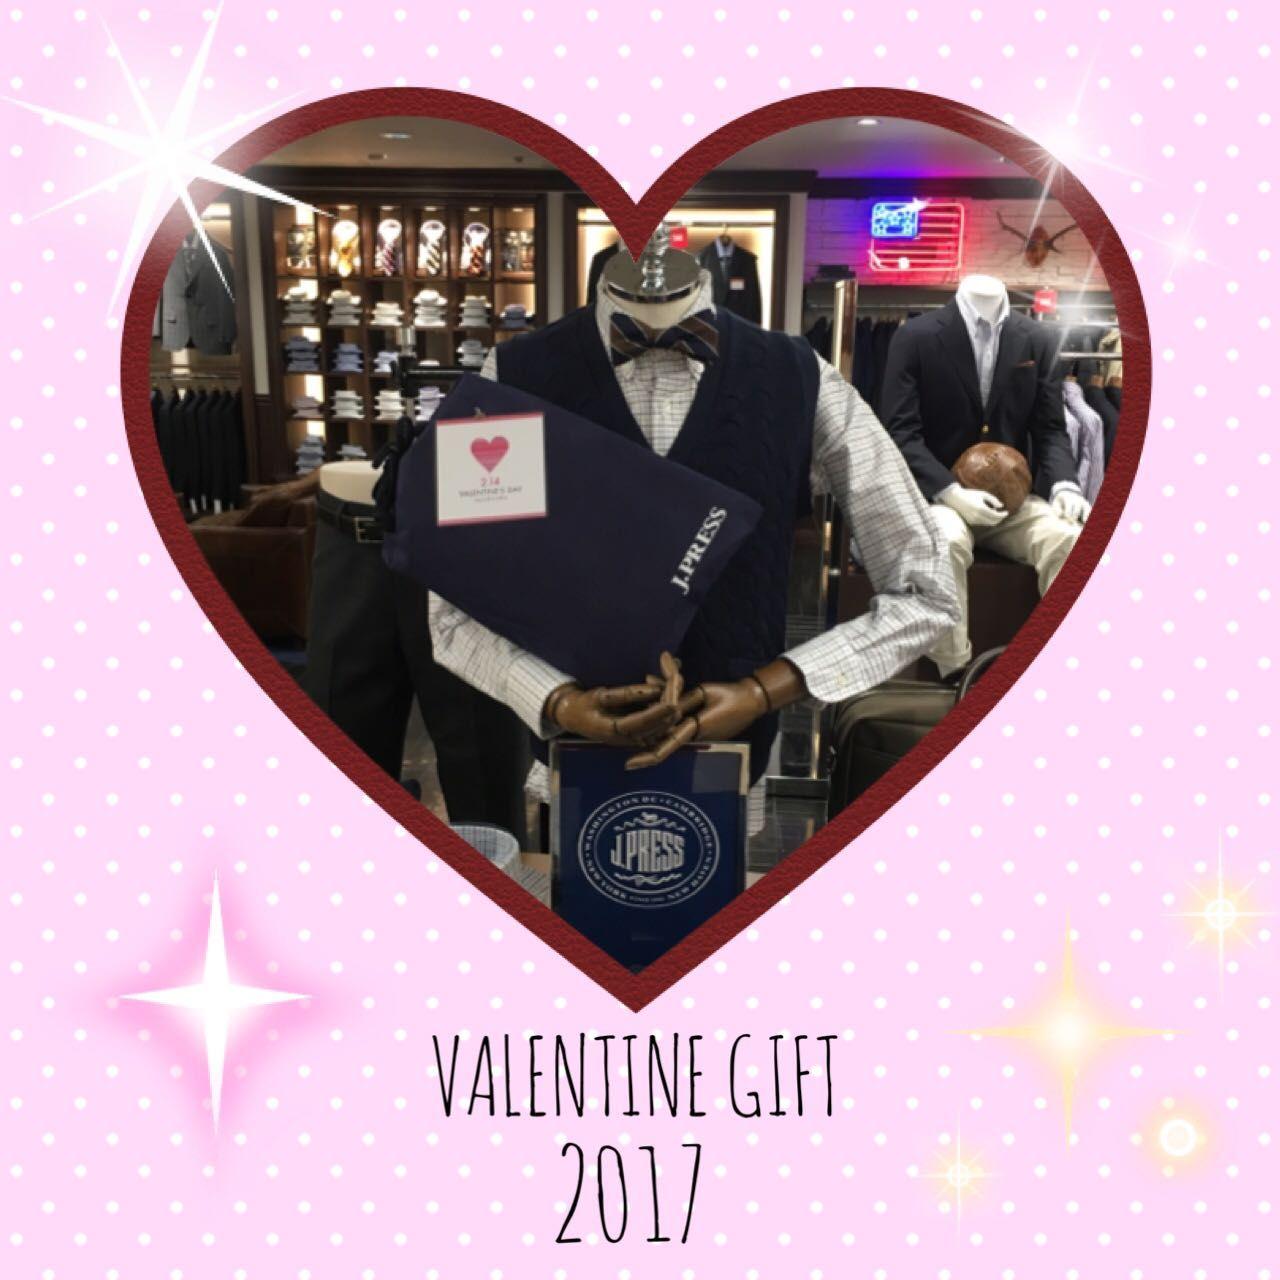 Valentine gift 2017 onward shop blog valentine gift 2017 negle Gallery